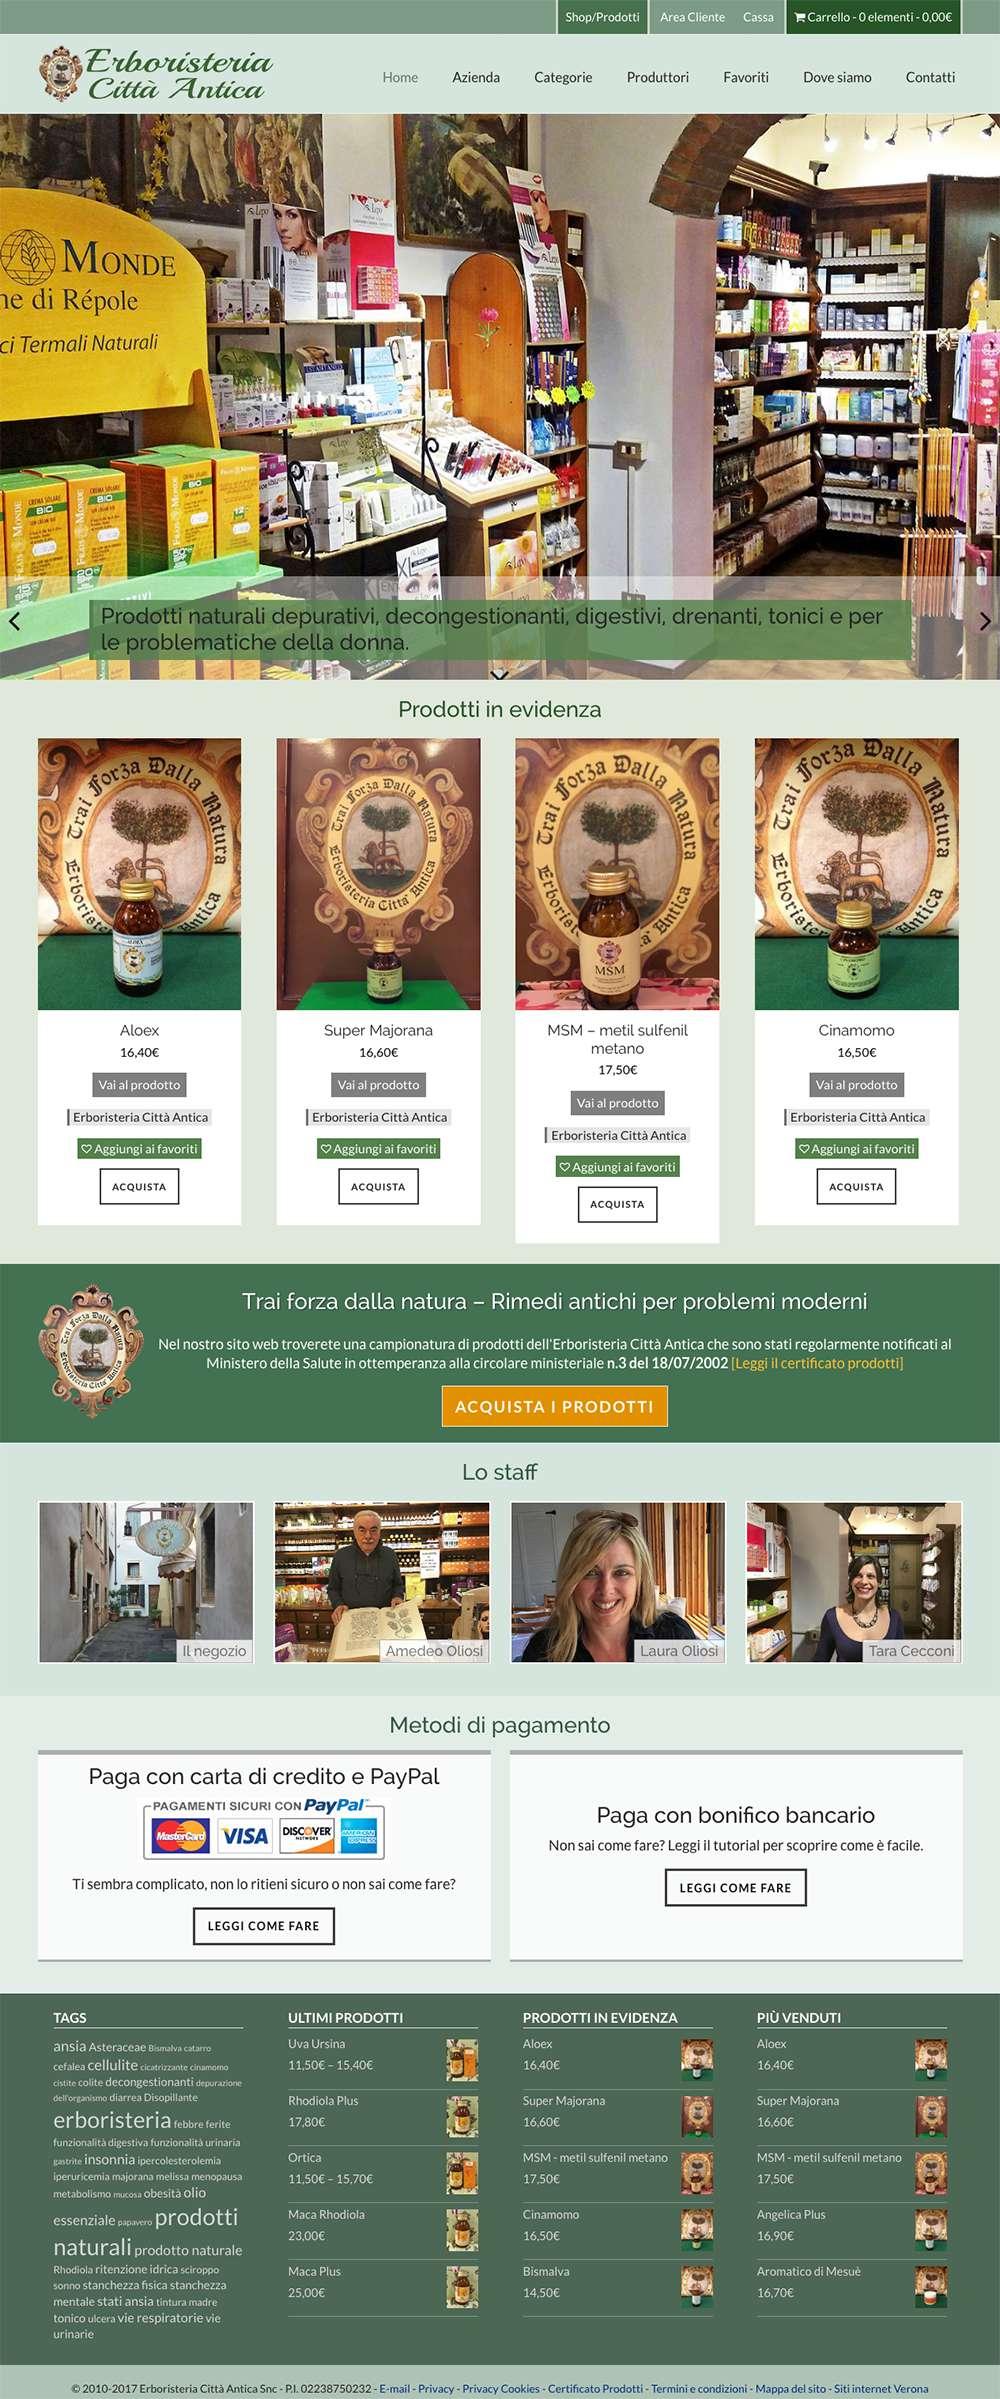 Erboristeria Città Antica - homepage 2